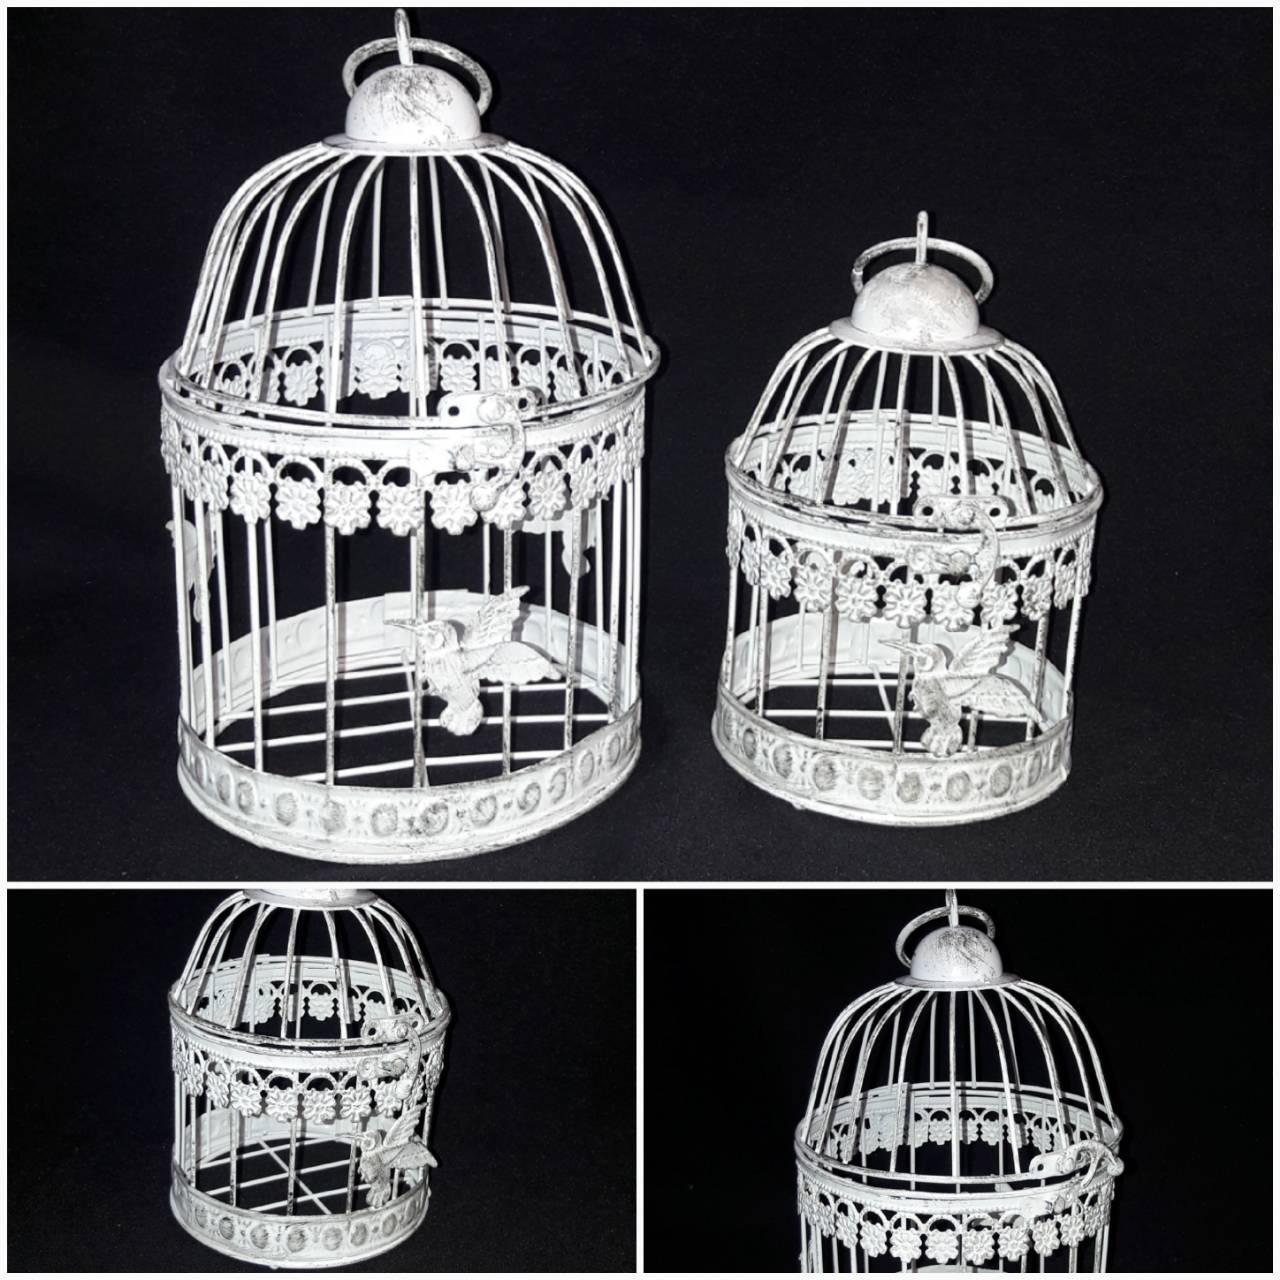 Декоративная клетка из металла для птичек, диам. 12 см., выс. 19 см, 225 гр.